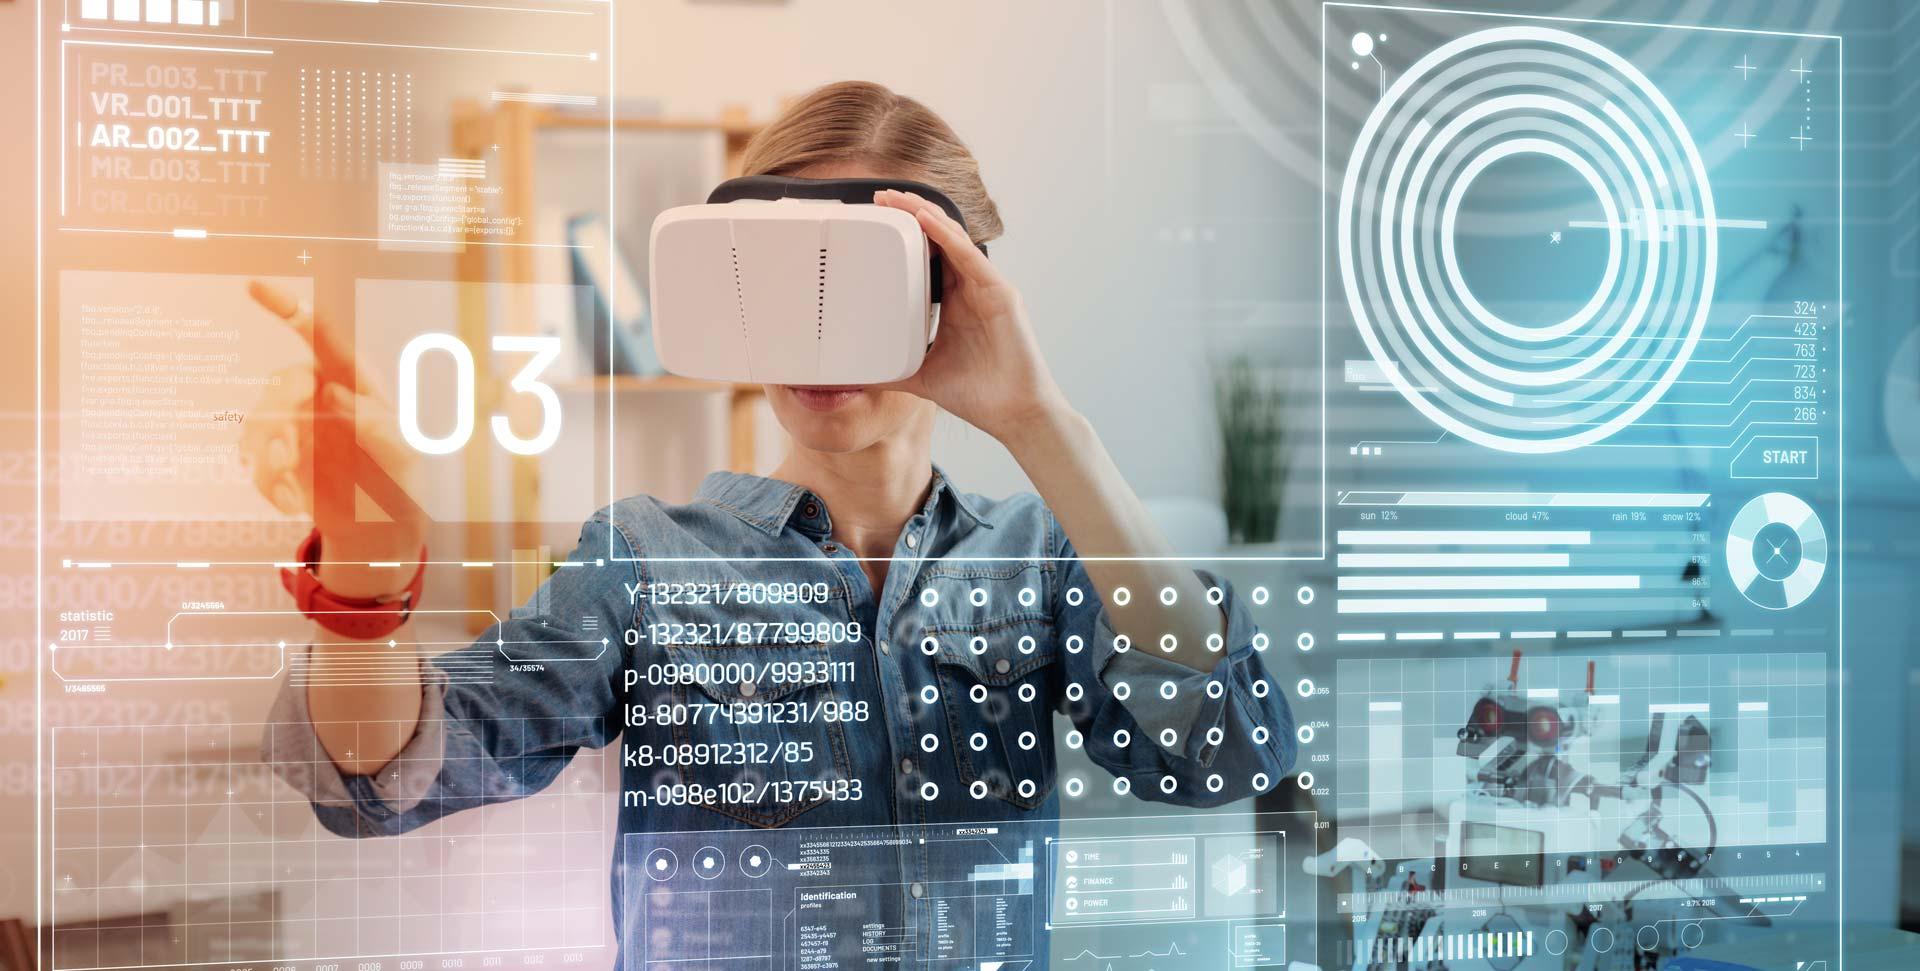 Cuarto encuentro virtual del proyecto europeo COMPET' plus